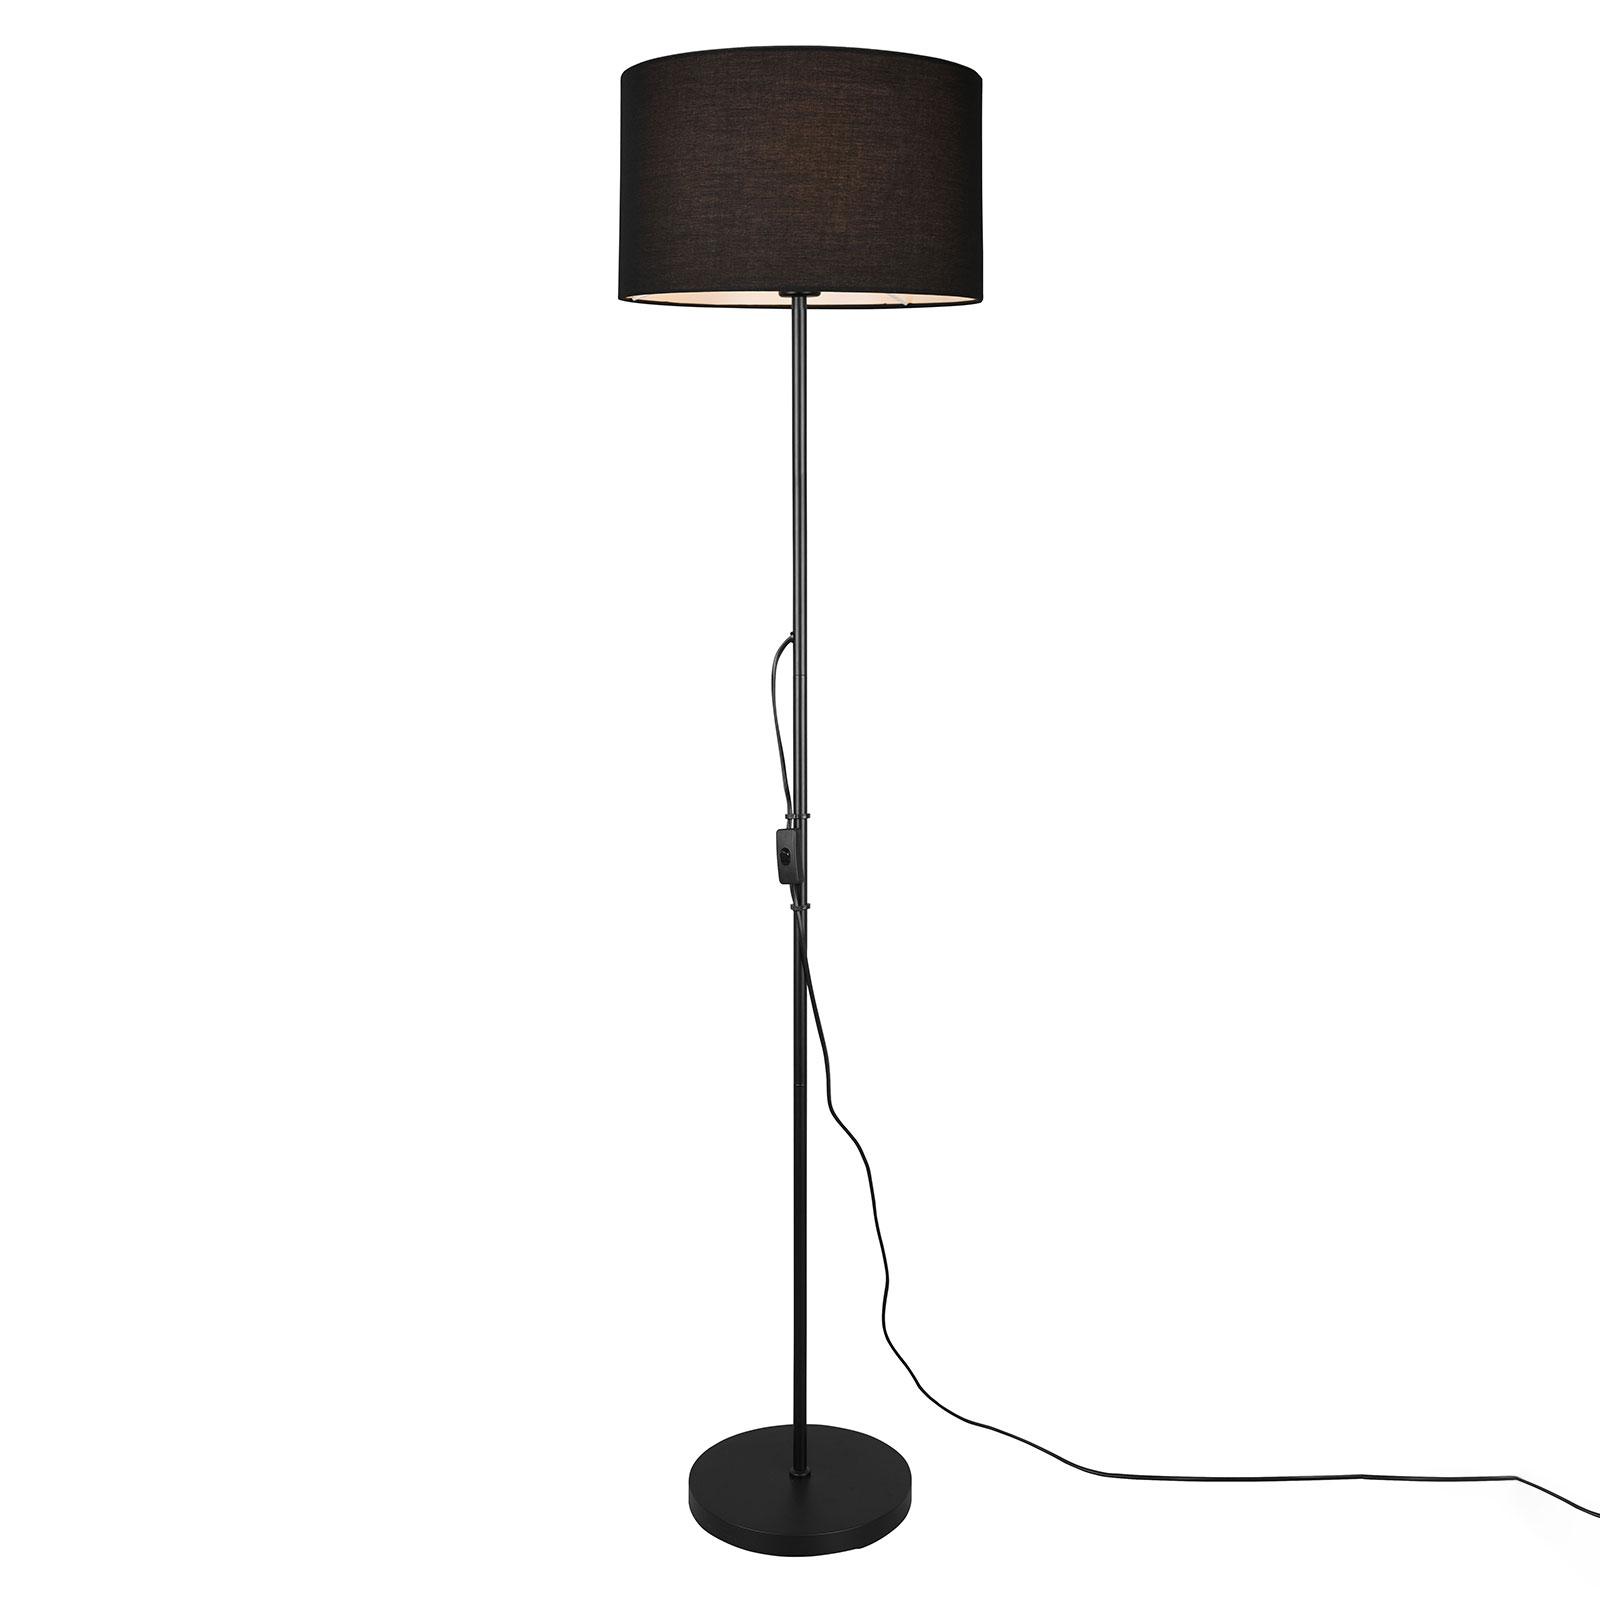 Tarkin gulvlampe med stofskærm, sort